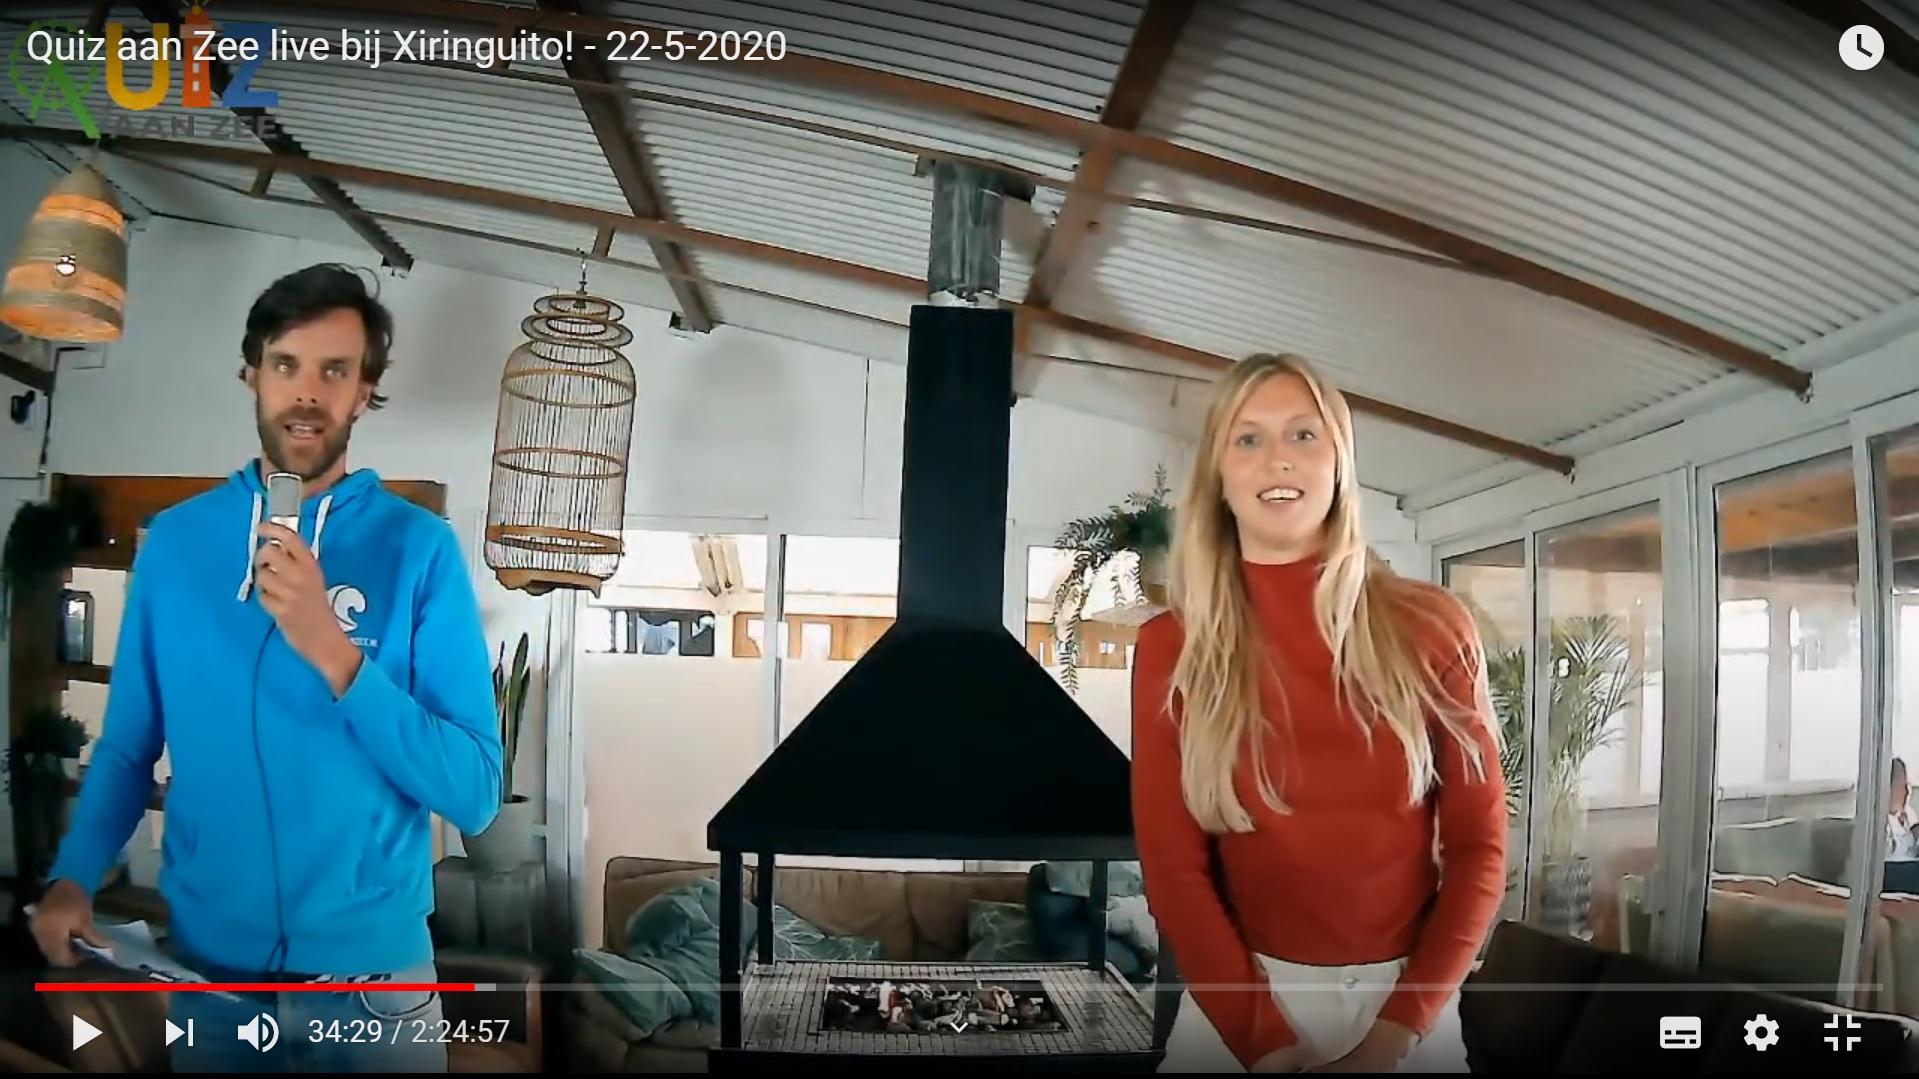 Online Quiz aan Zee live bij Xiringuito - 22-5-2020 v2